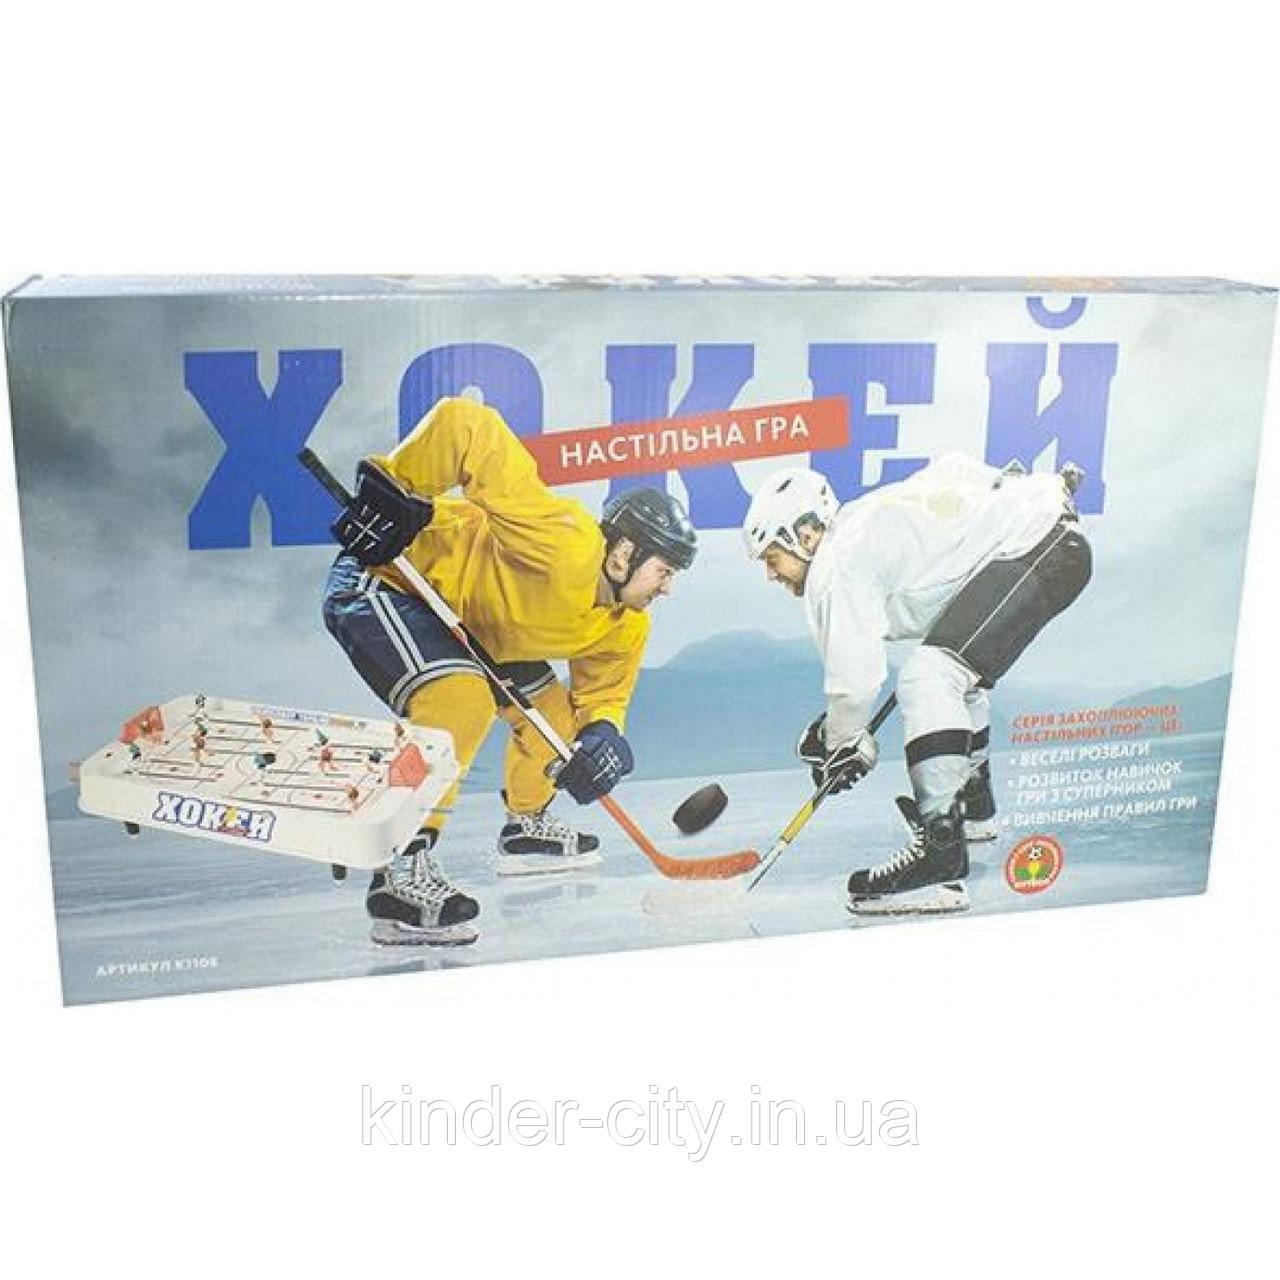 Игра настольная Хоккей 1108 на рукоятках